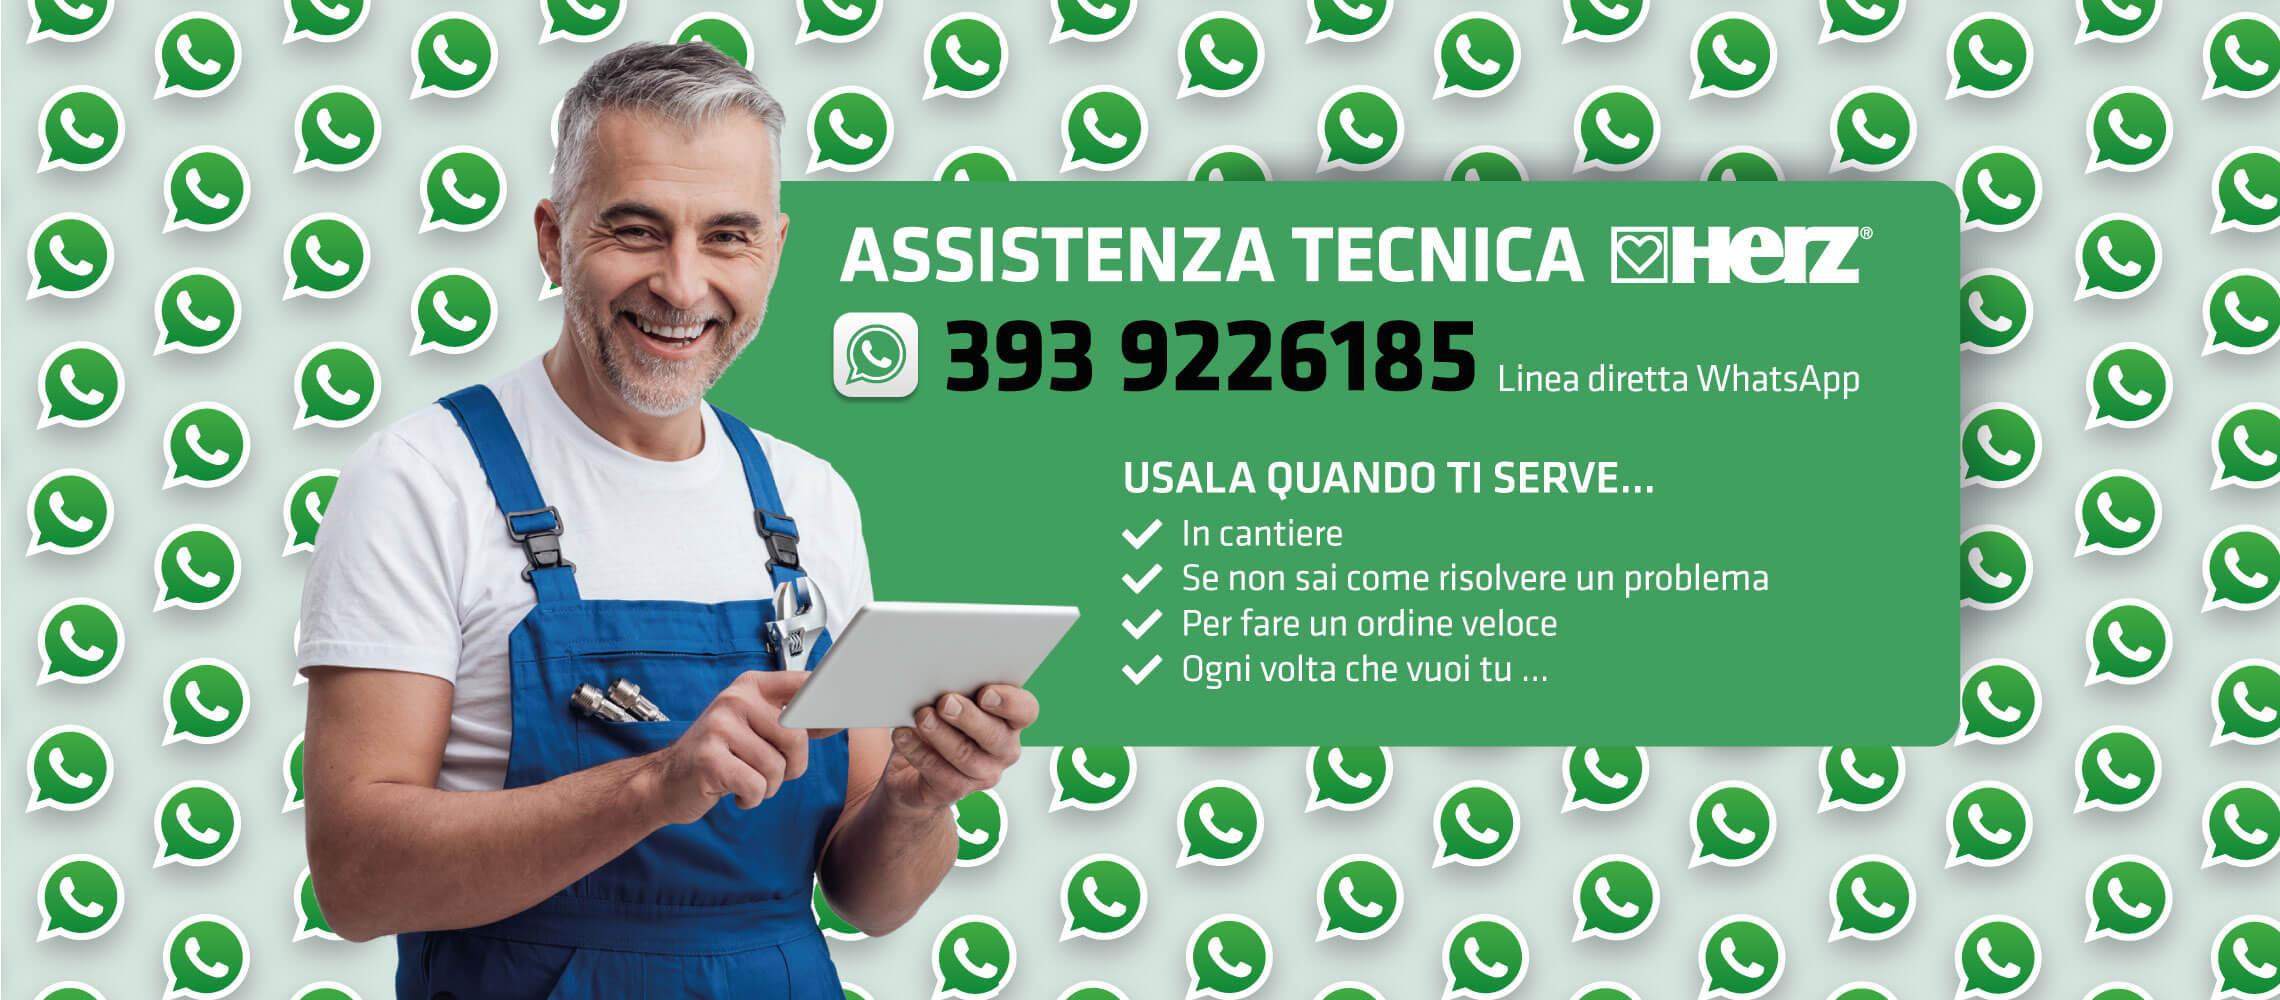 Herzitalia.it | Ora disponibile il servizio di assistenza tecnica via WhastApp